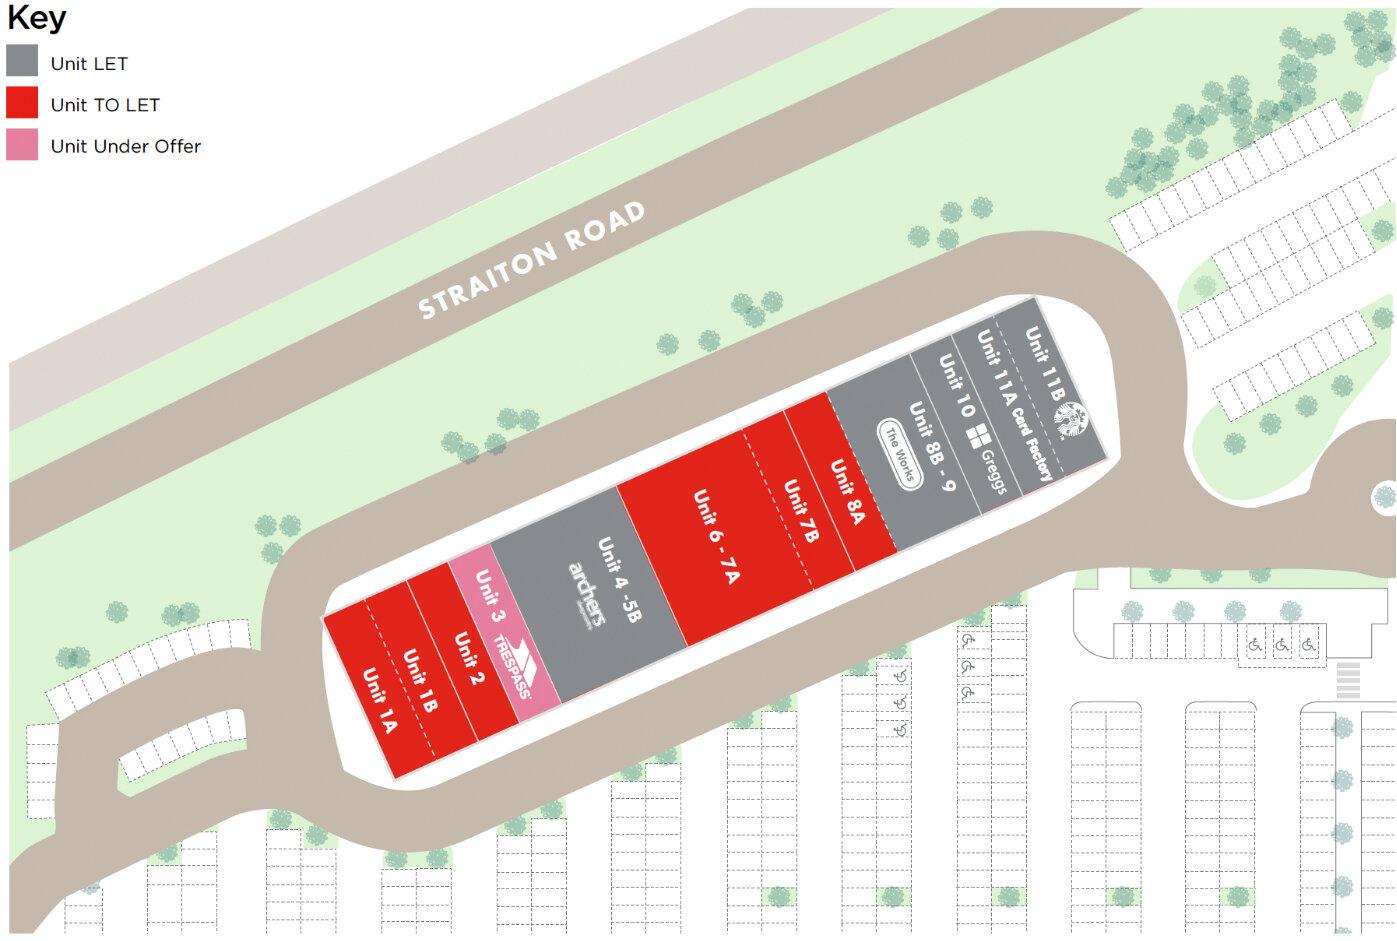 Straiton — Peel Retail Parks